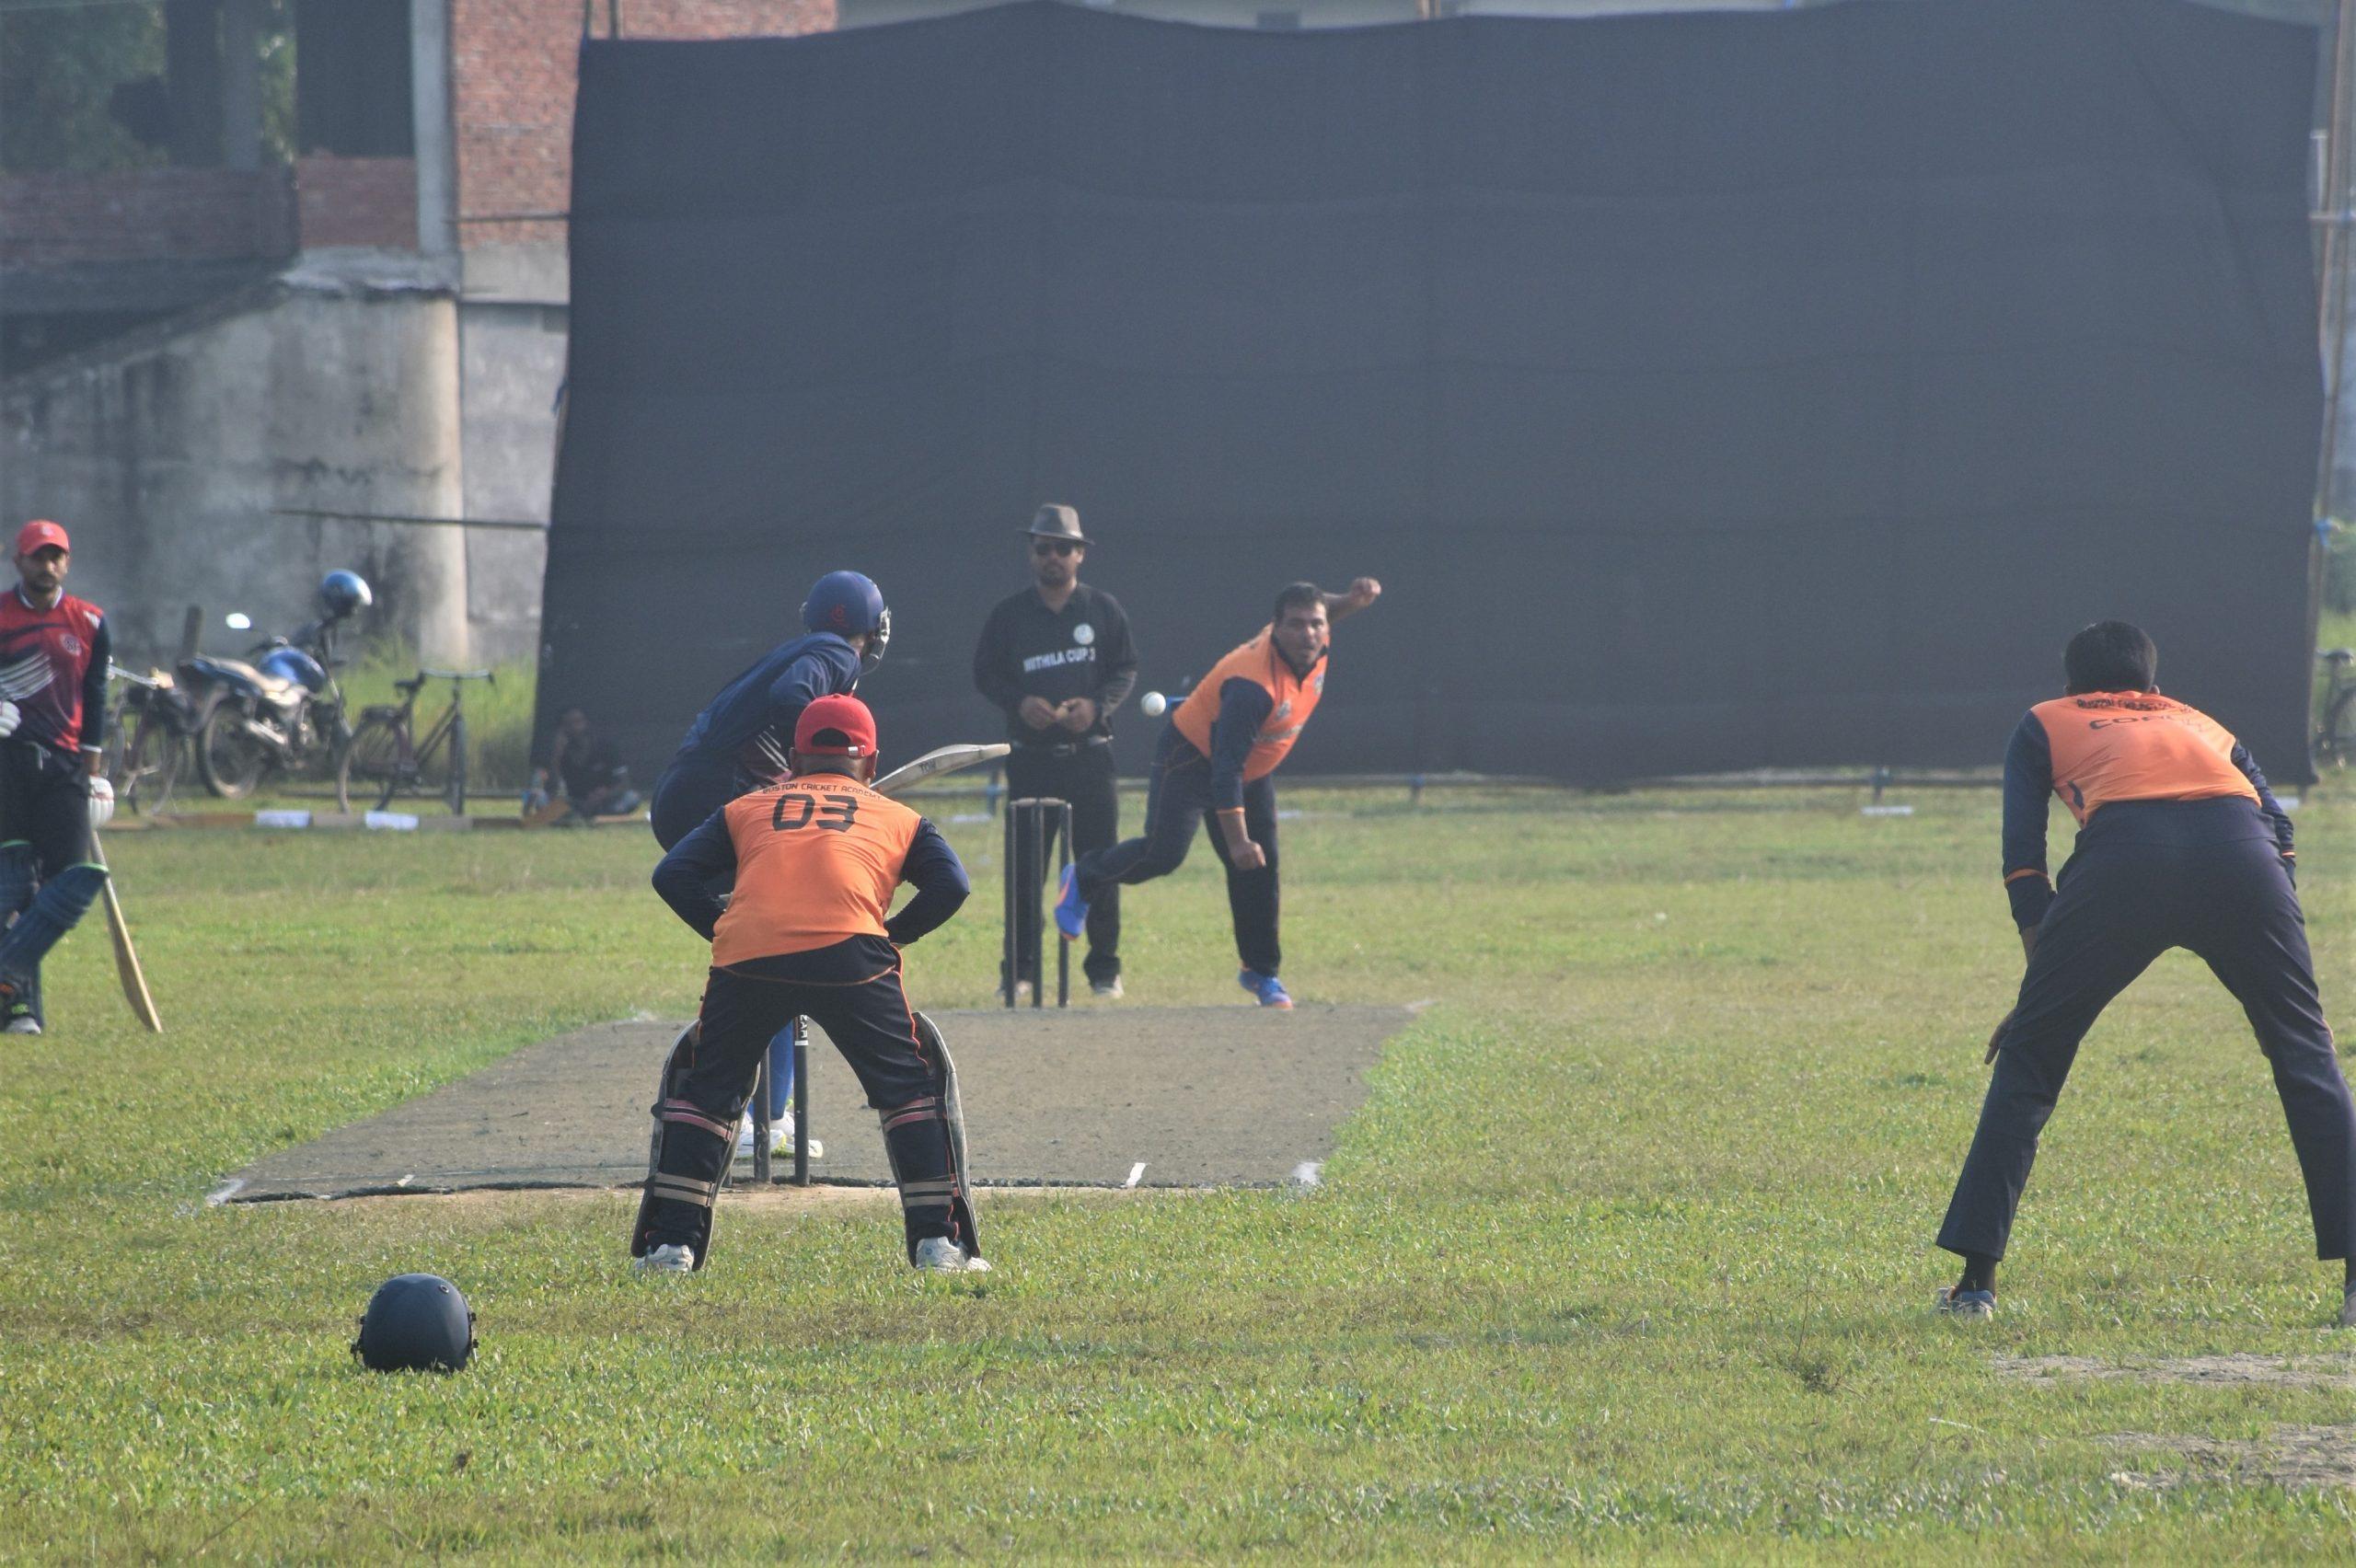 तेश्रो दिनको खेलमा सप्तरी र पर्सा विजय :मिथिला कप क्रिकेट प्रतियोगिता